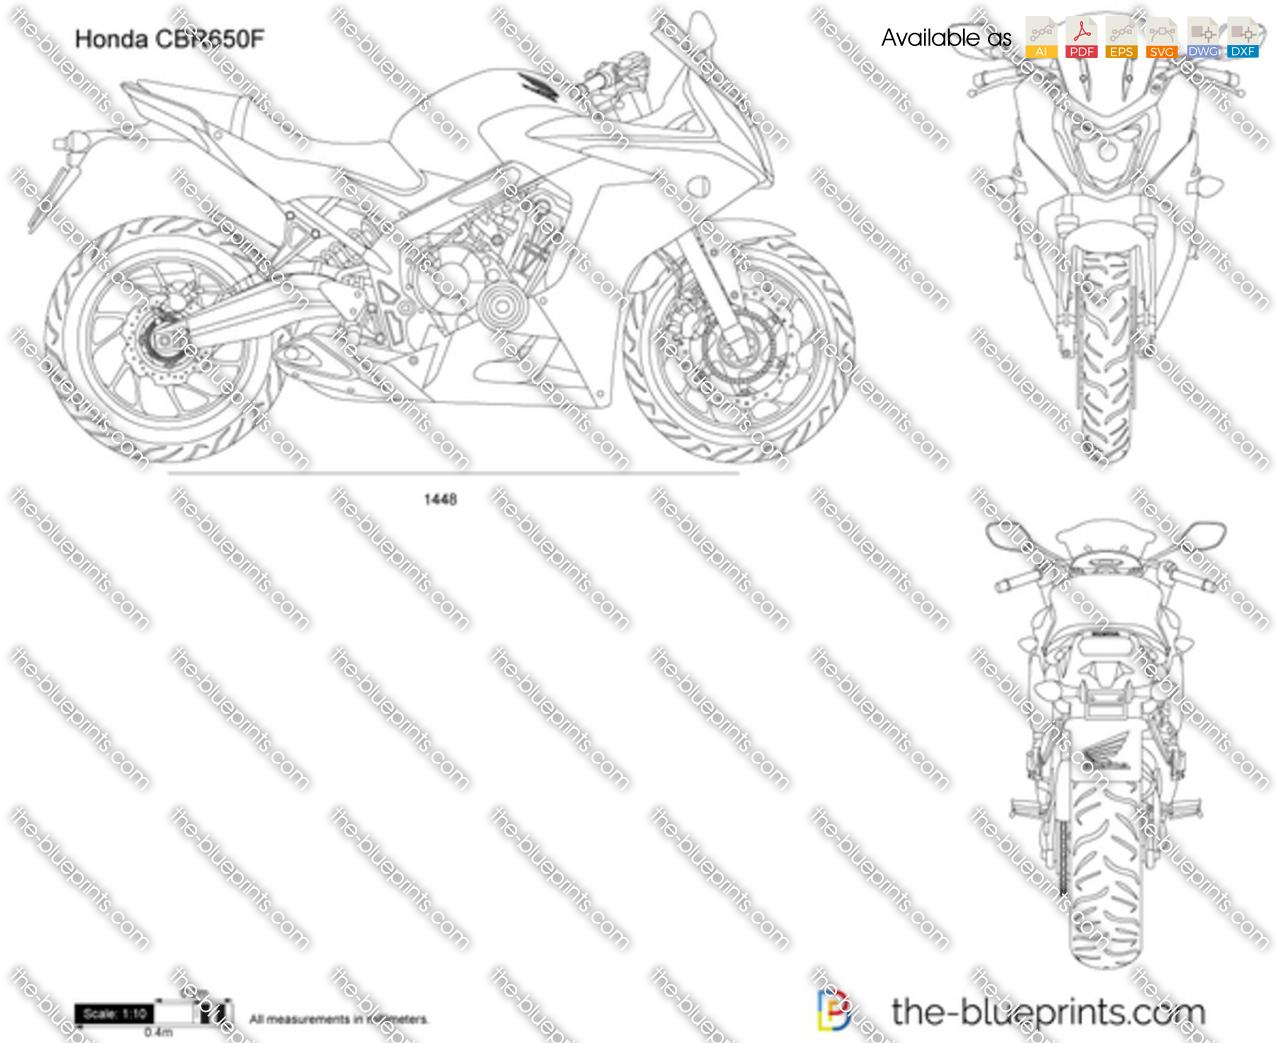 Honda CBR650F 2019